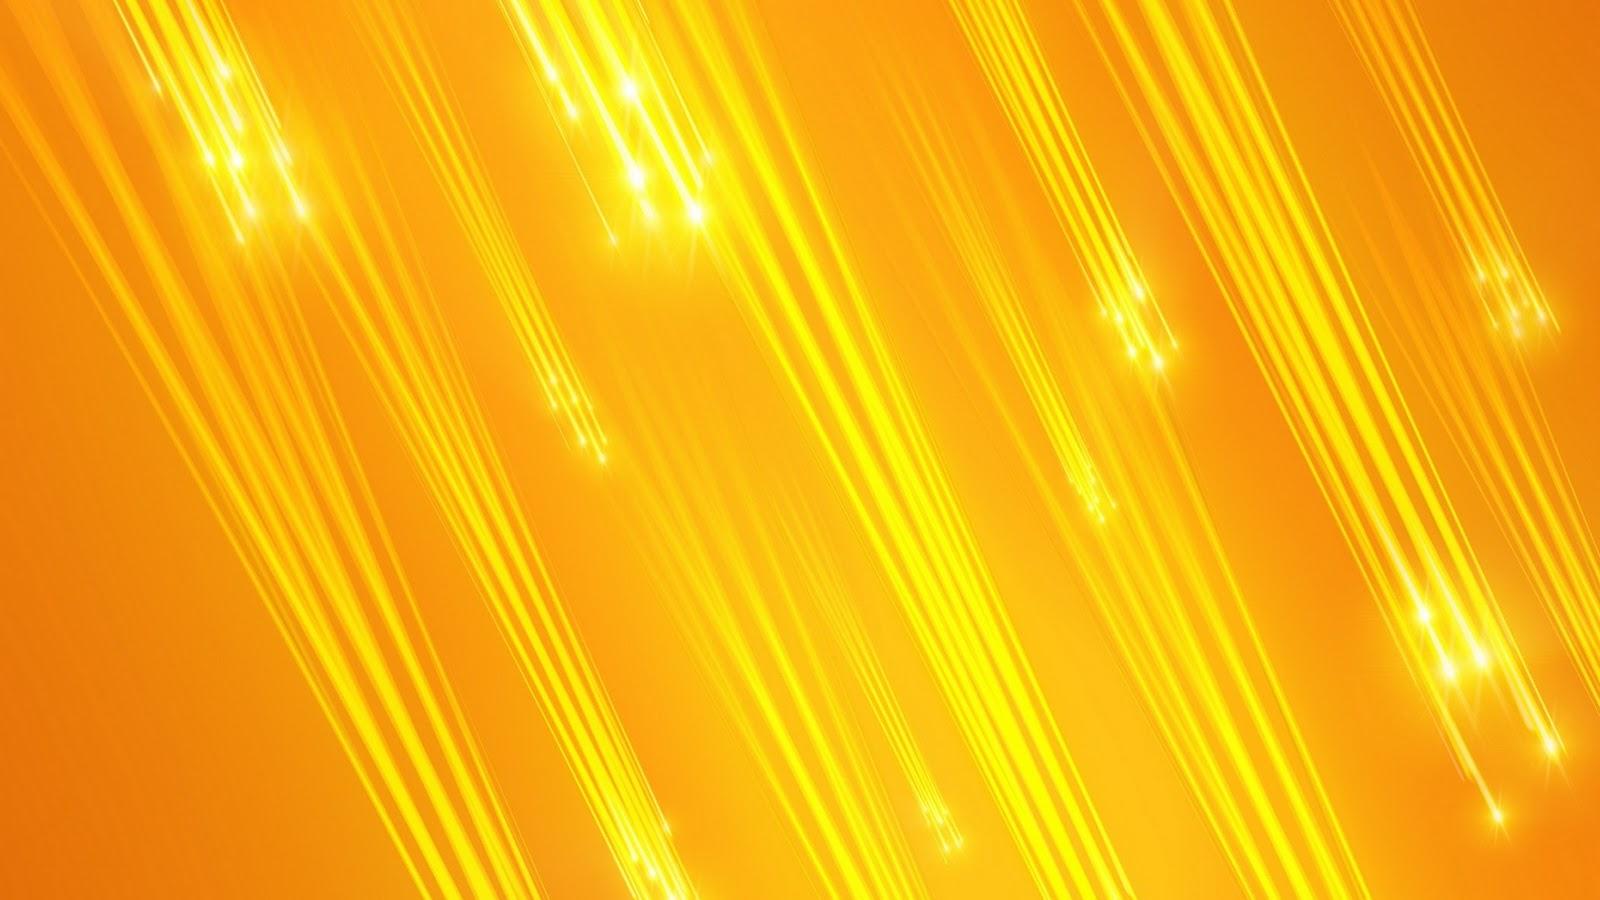 Hd Desktop Wallpaper Colorful Hd Europix